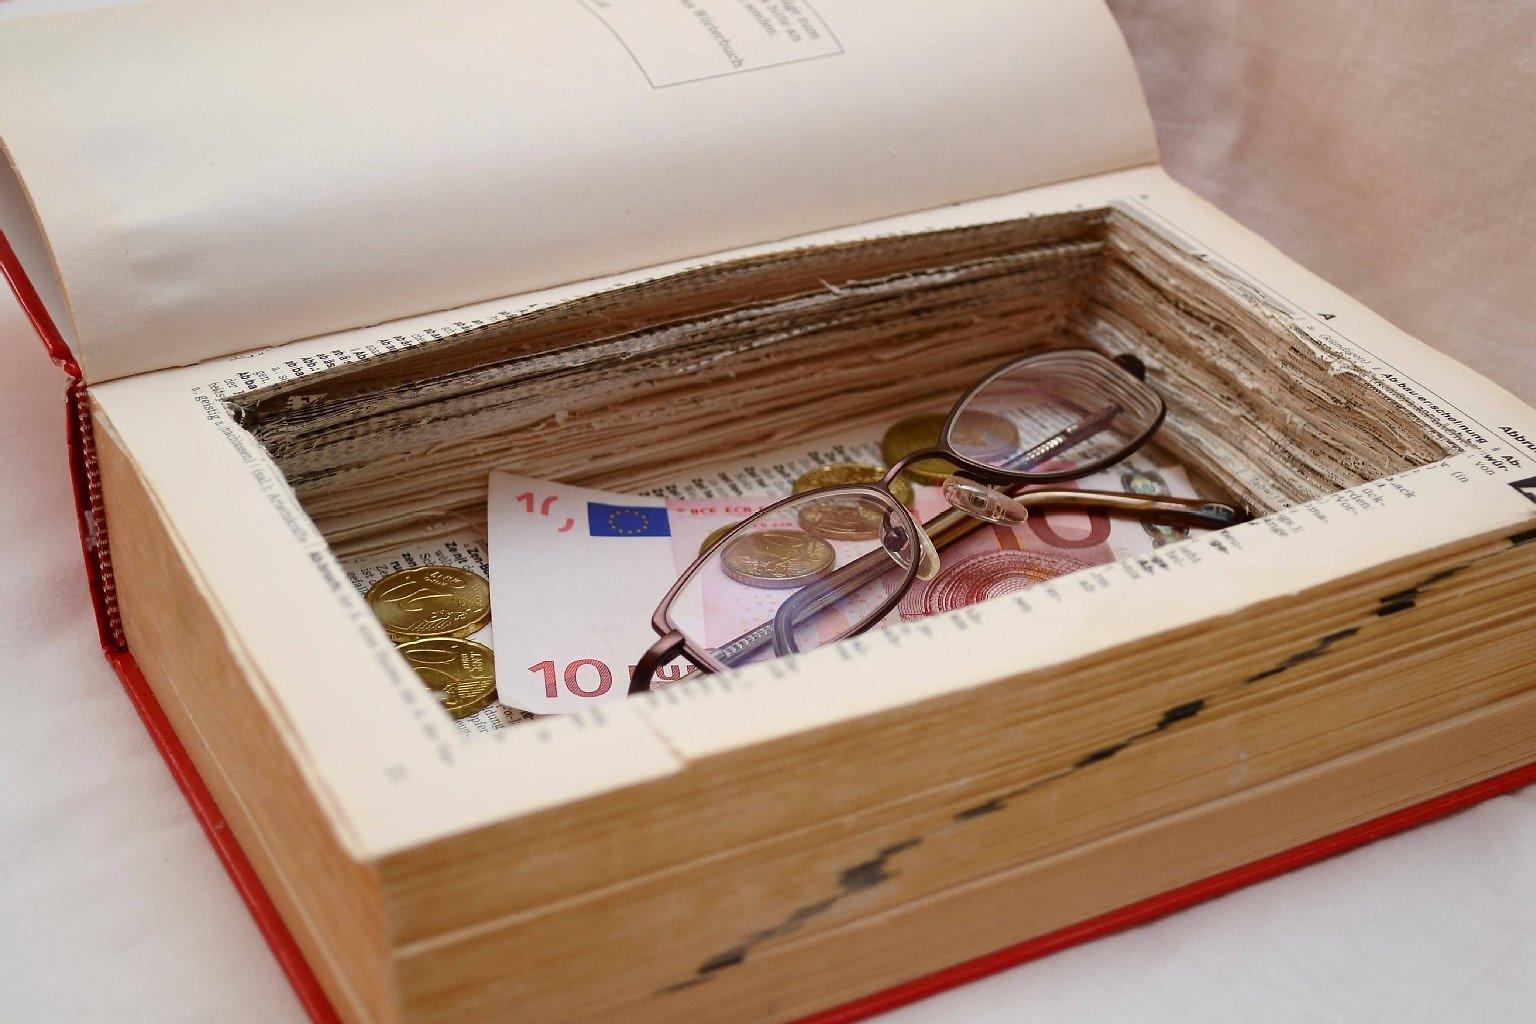 buch als geldversteck idee